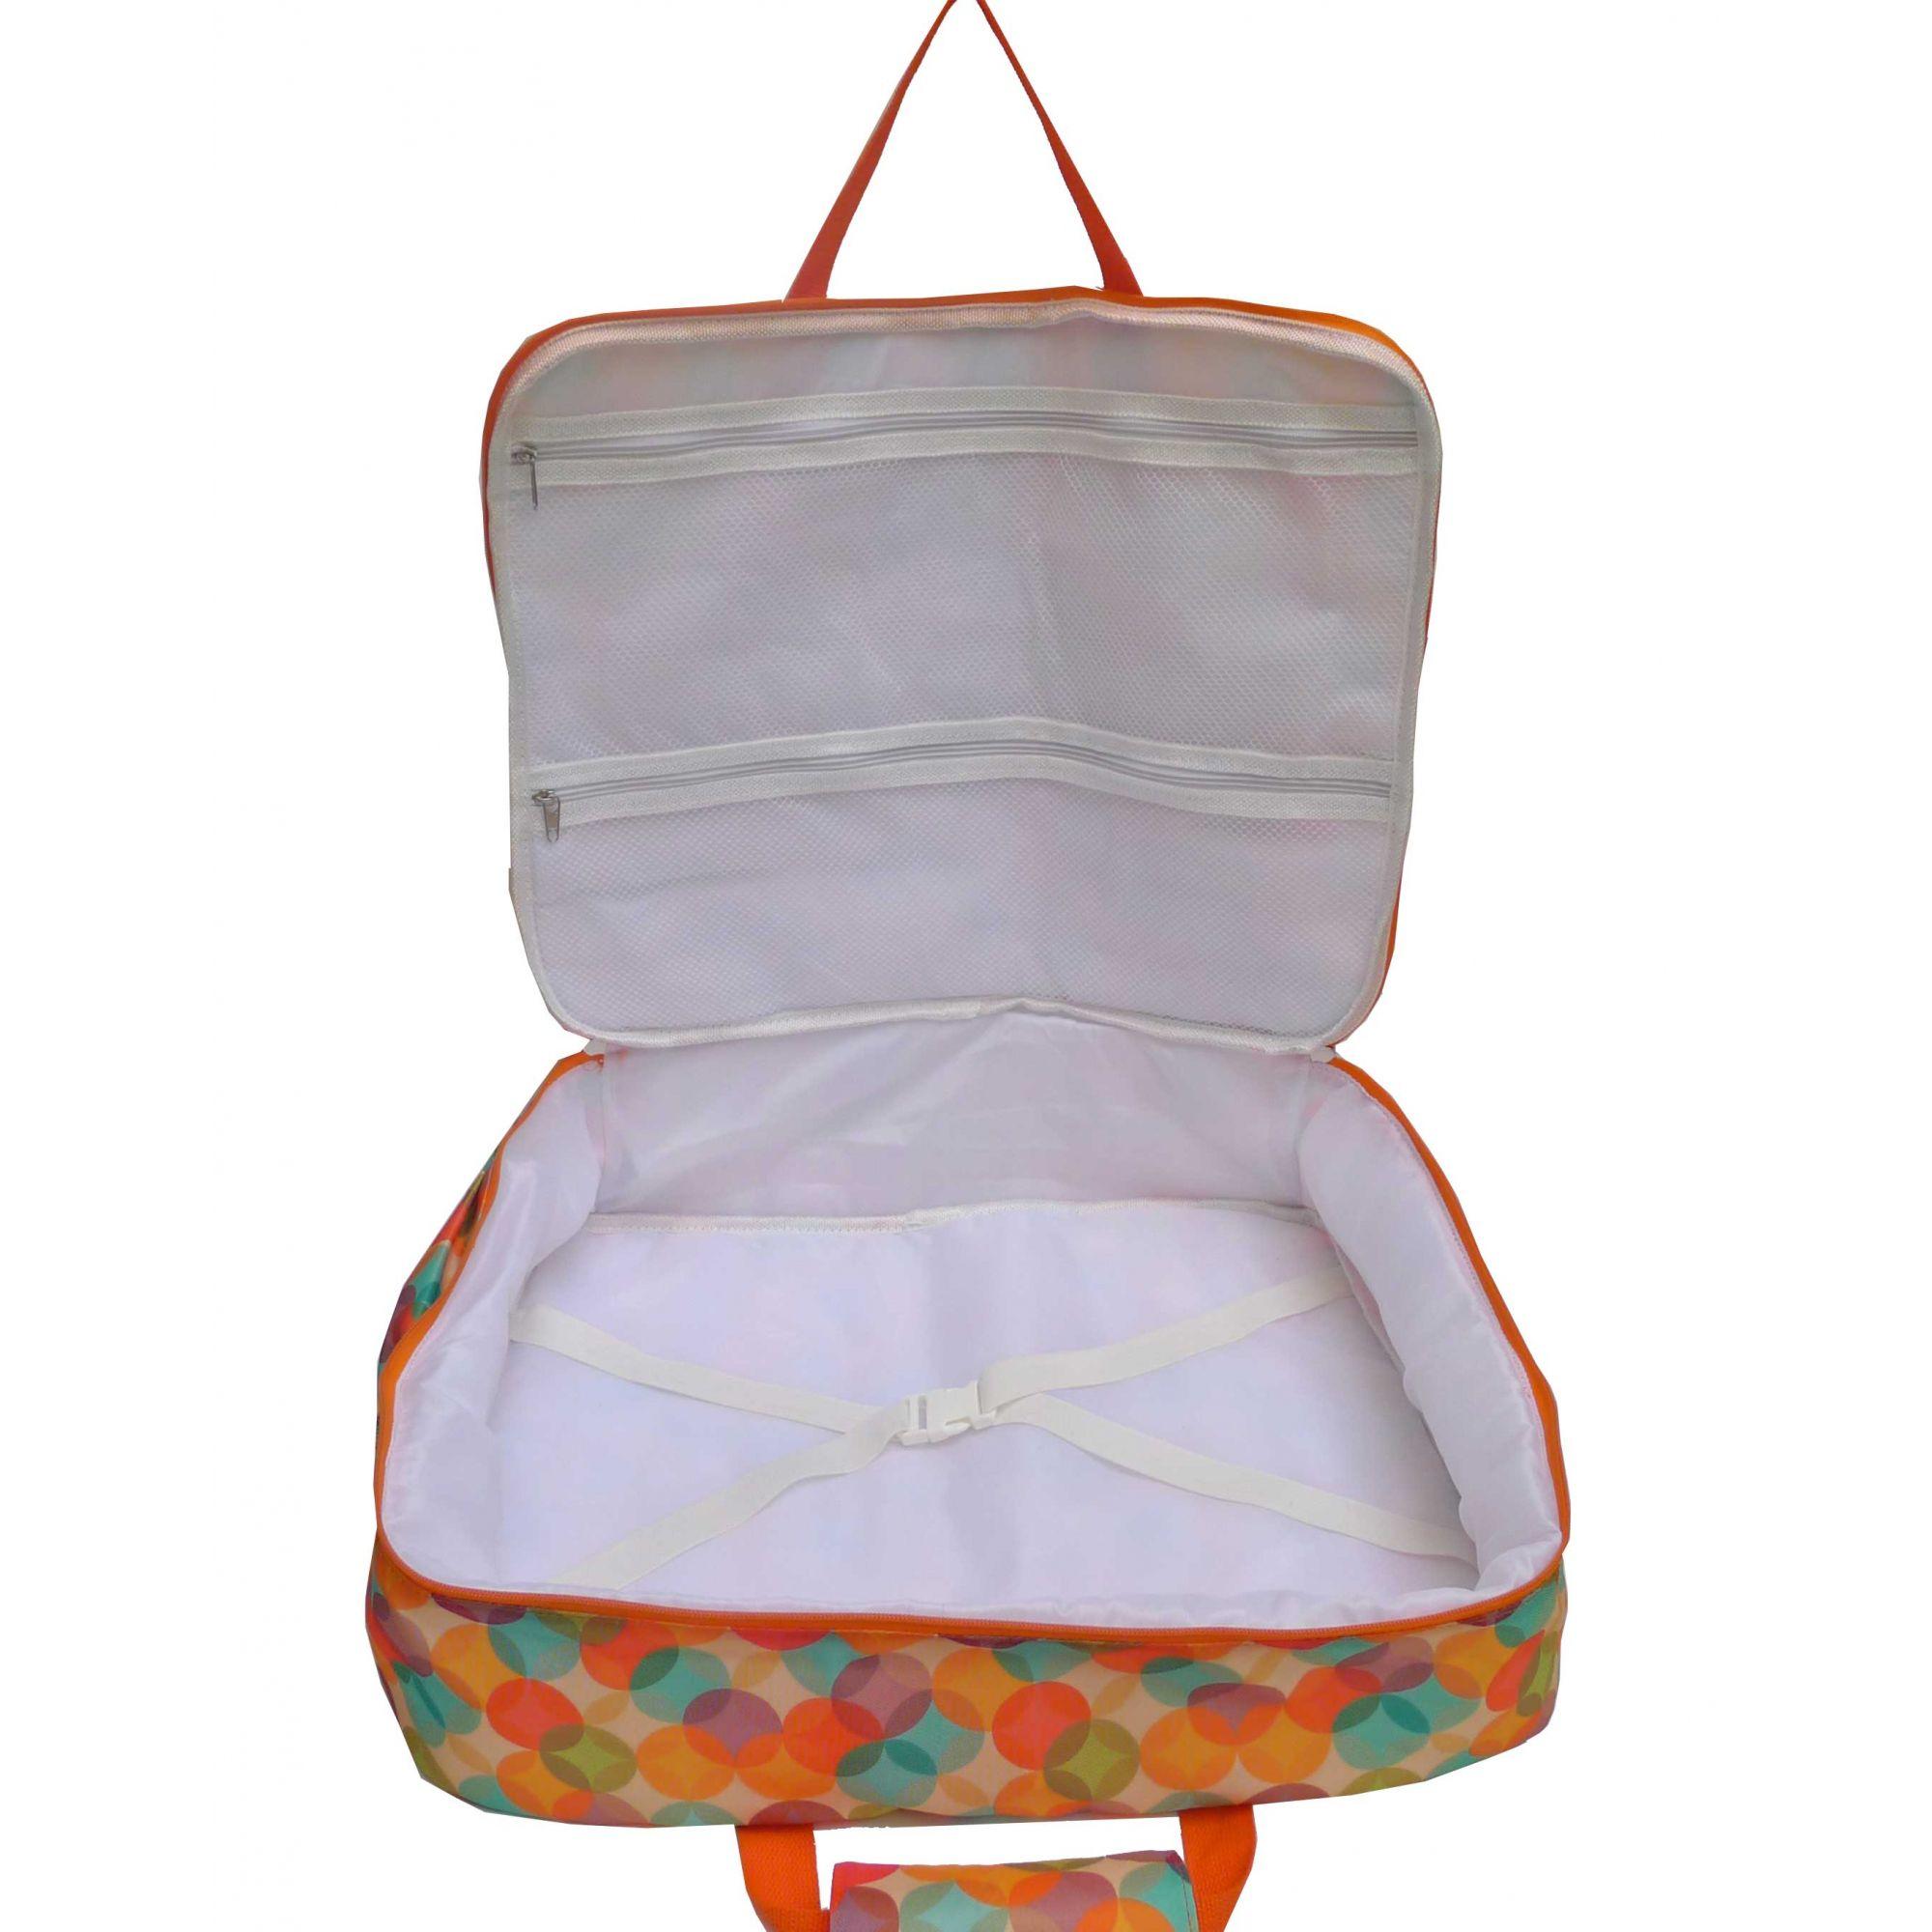 Mala de maternidade - Materchila Bola Estrelada